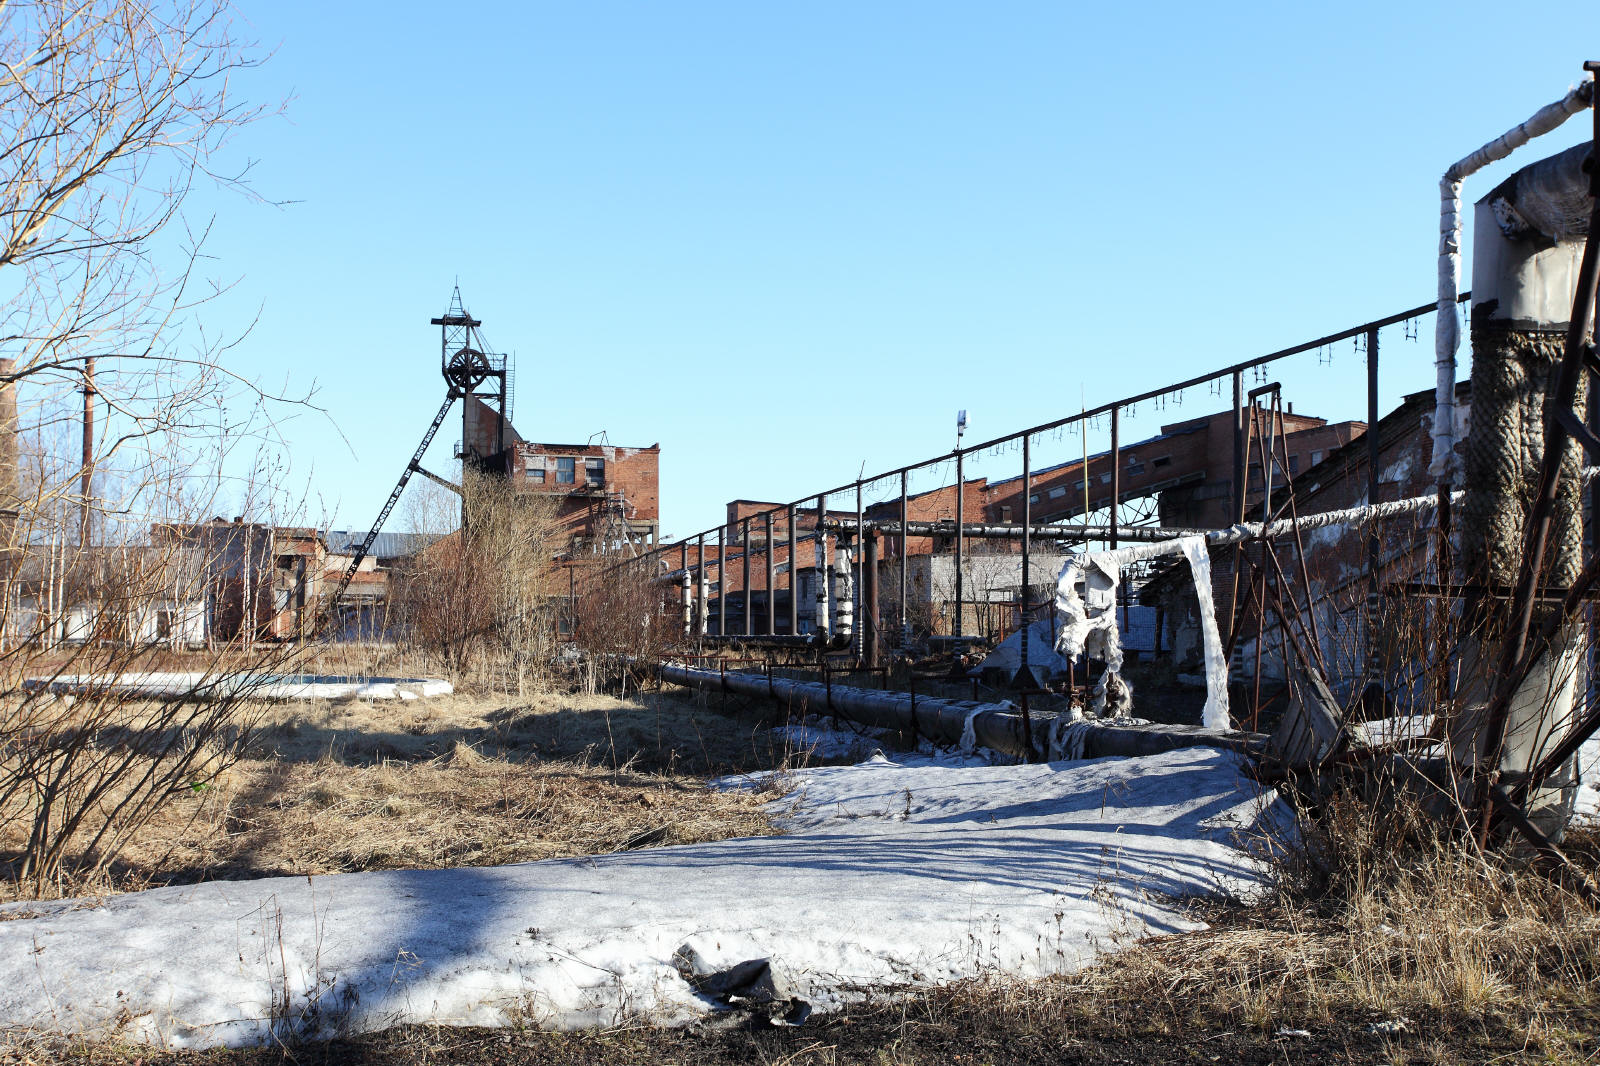 открываем шахта восточная город инта фото знакомство живописью ограничивалось